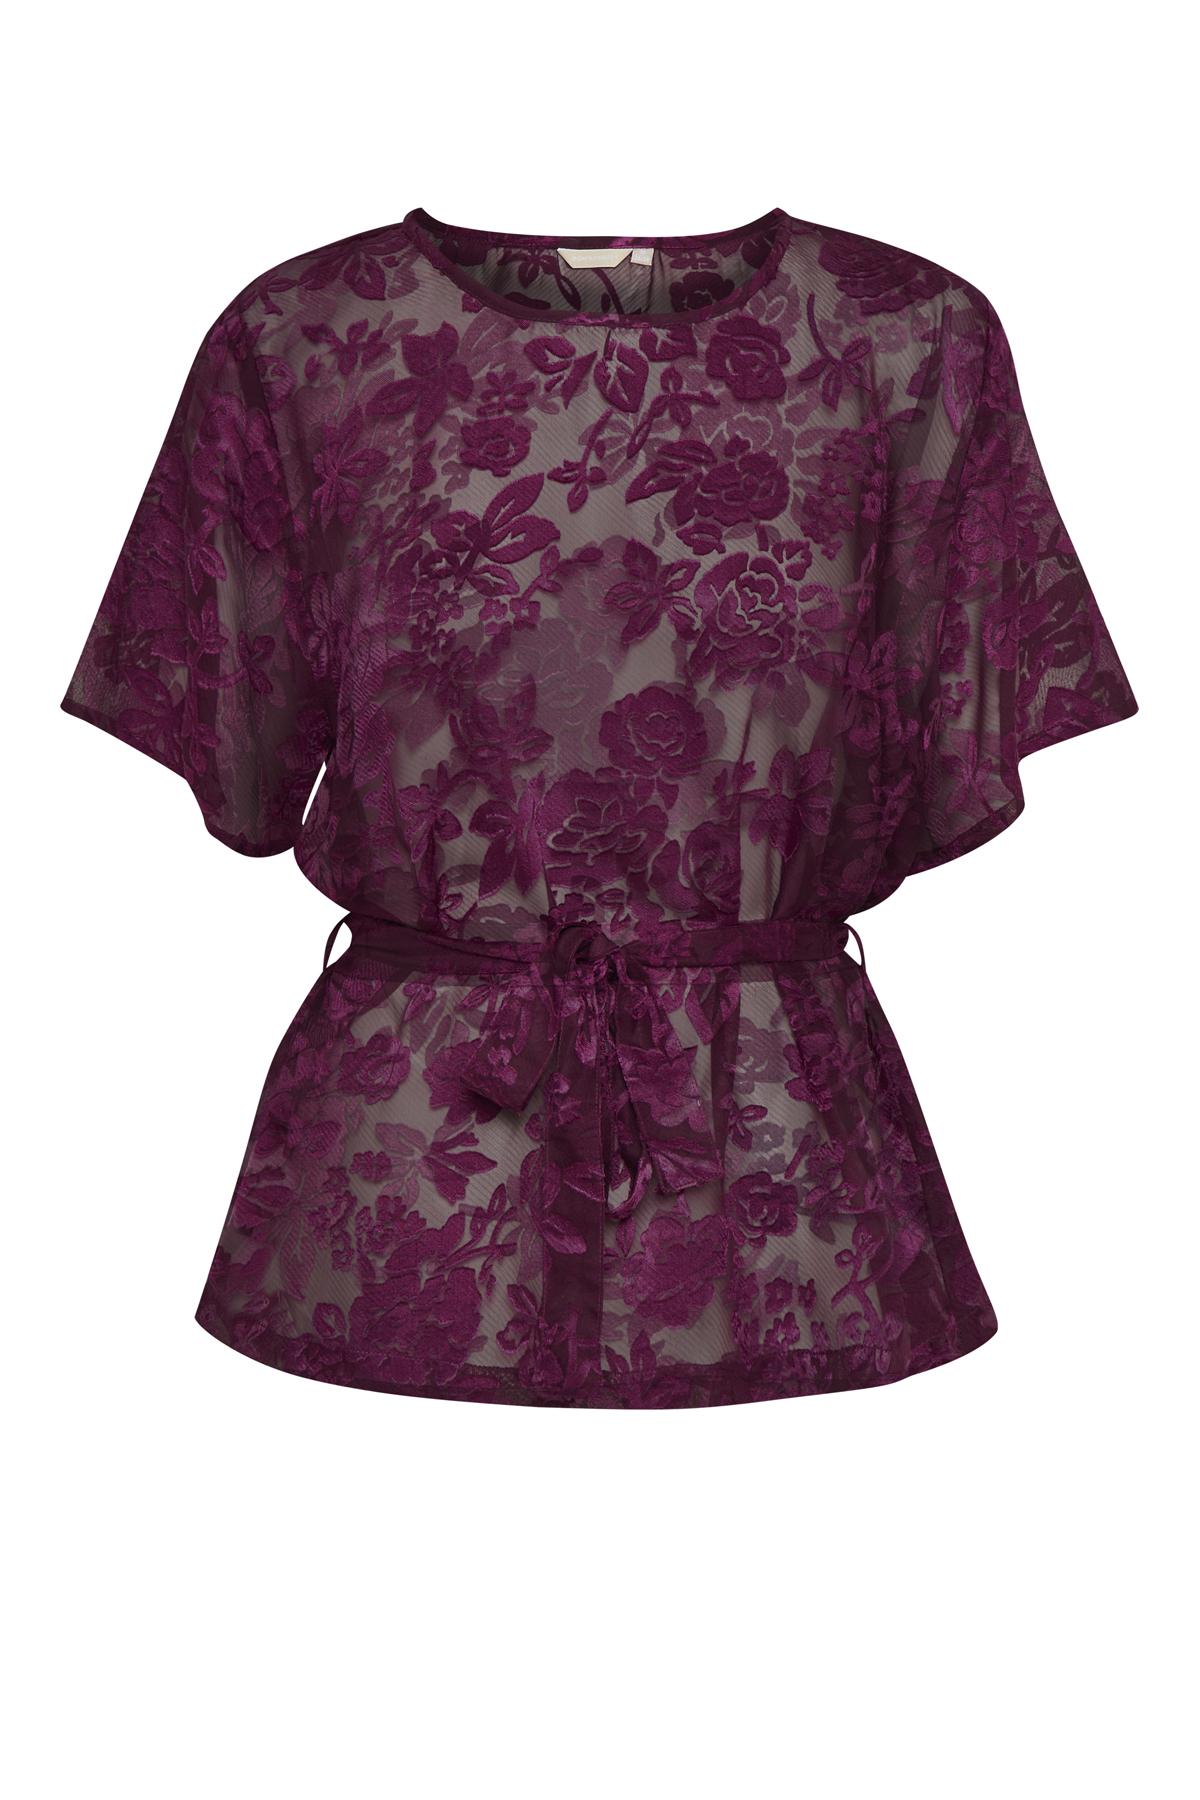 Bordeaux Kortærmet bluse fra Bon'A Parte – Køb Bordeaux Kortærmet bluse fra str. S-2XL her